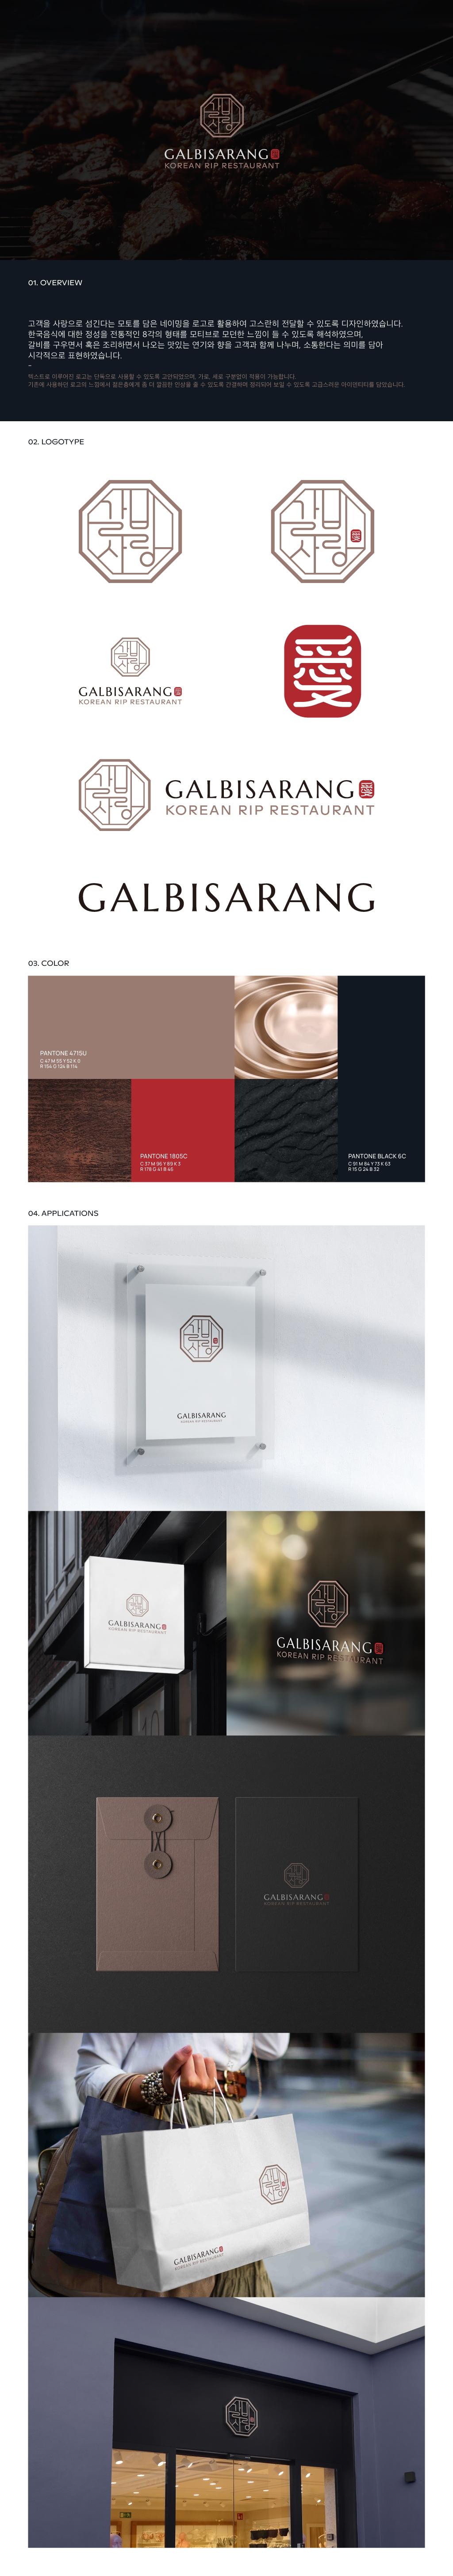 로고 디자인 | 갈비사랑 (숯불구이 전문점) 로고 디자인 의뢰 | 라우드소싱 포트폴리오